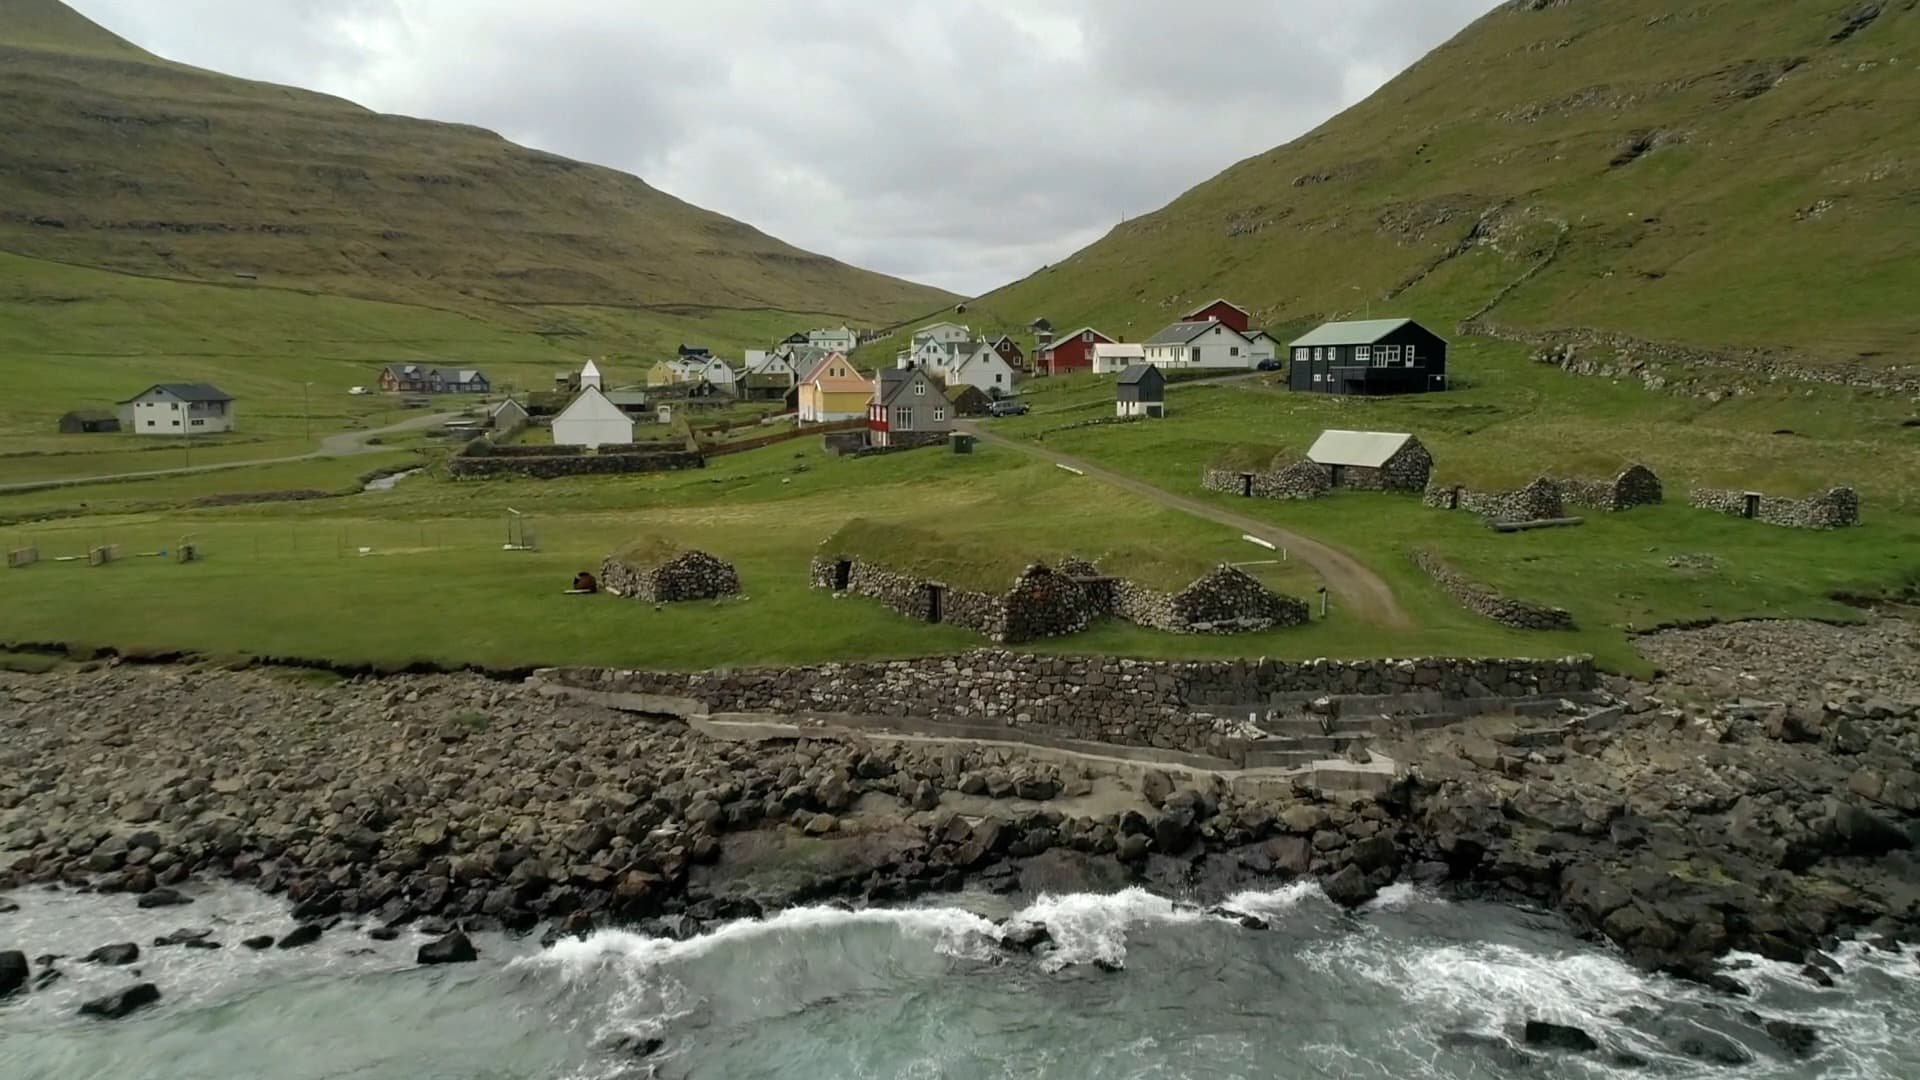 190609 - Upptäcktsresan Färöarna - dag 2 - Effektiv hybriddrift förenklar i hårt väder